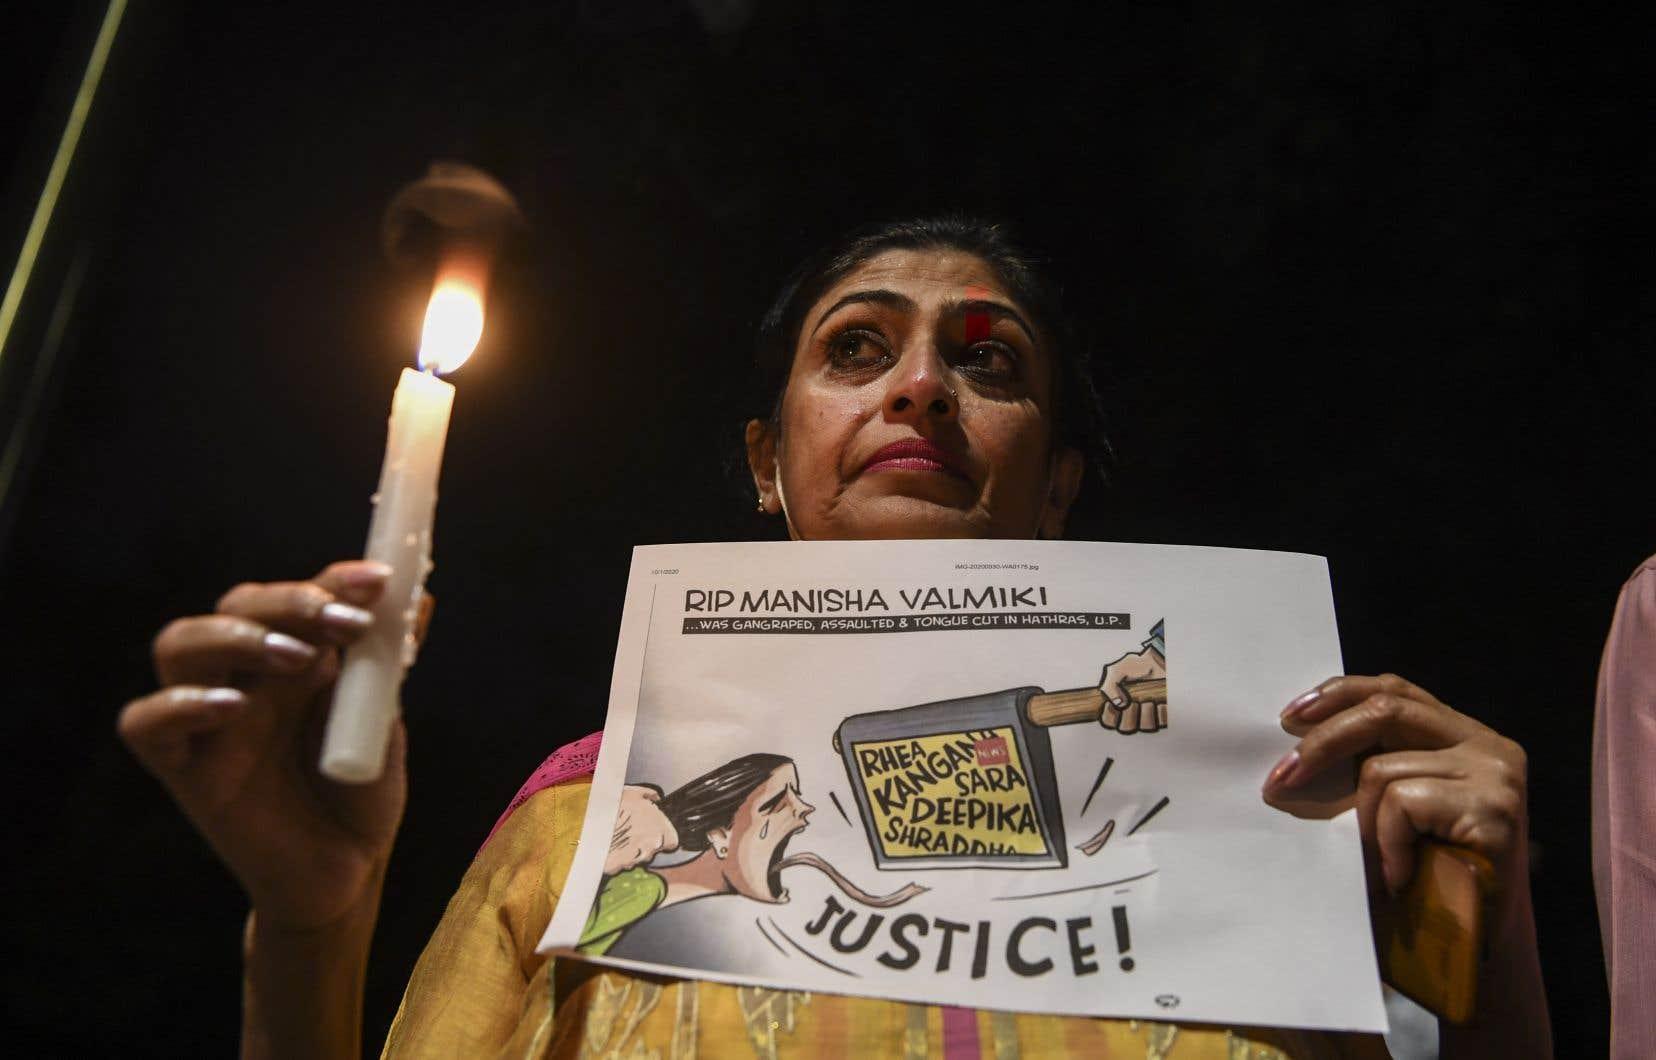 La mort d'une jeune fille de 19ans,attaquée et violée, a déclenché des manifestations dans plusieurs villes, notamment dans l'Uttar Pradesh et à New Delhi.